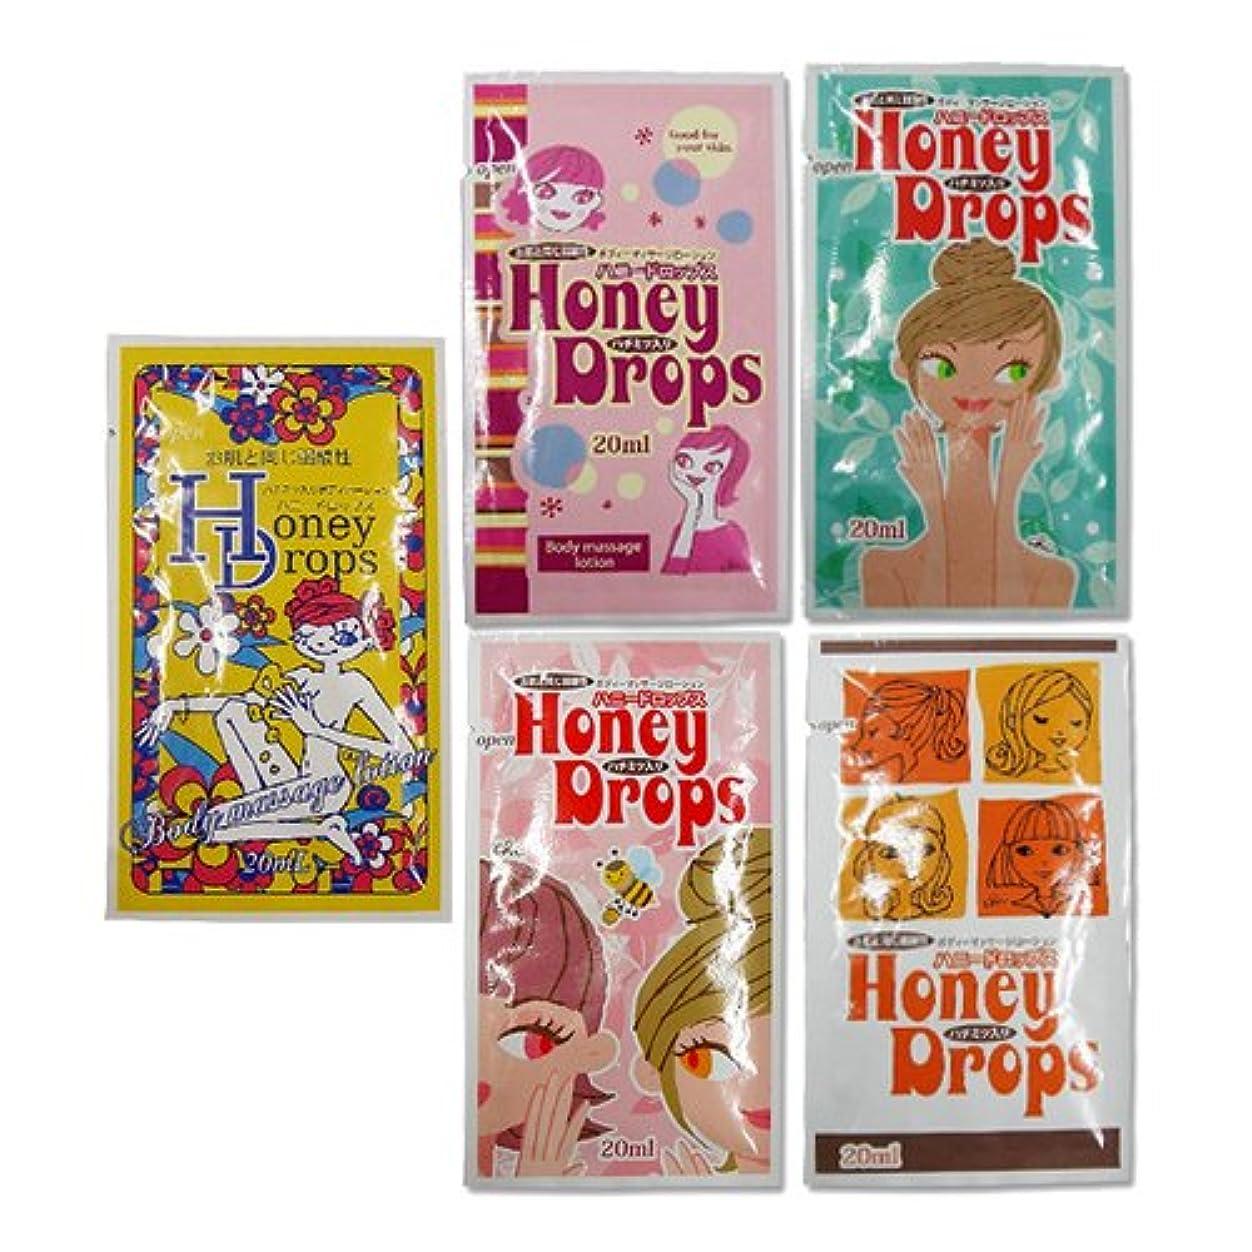 非難する公使館落ち着くハニードロップス(Honey Drops) 20ml 使い切りローション 5種セット (スタンダード+ABCD柄)